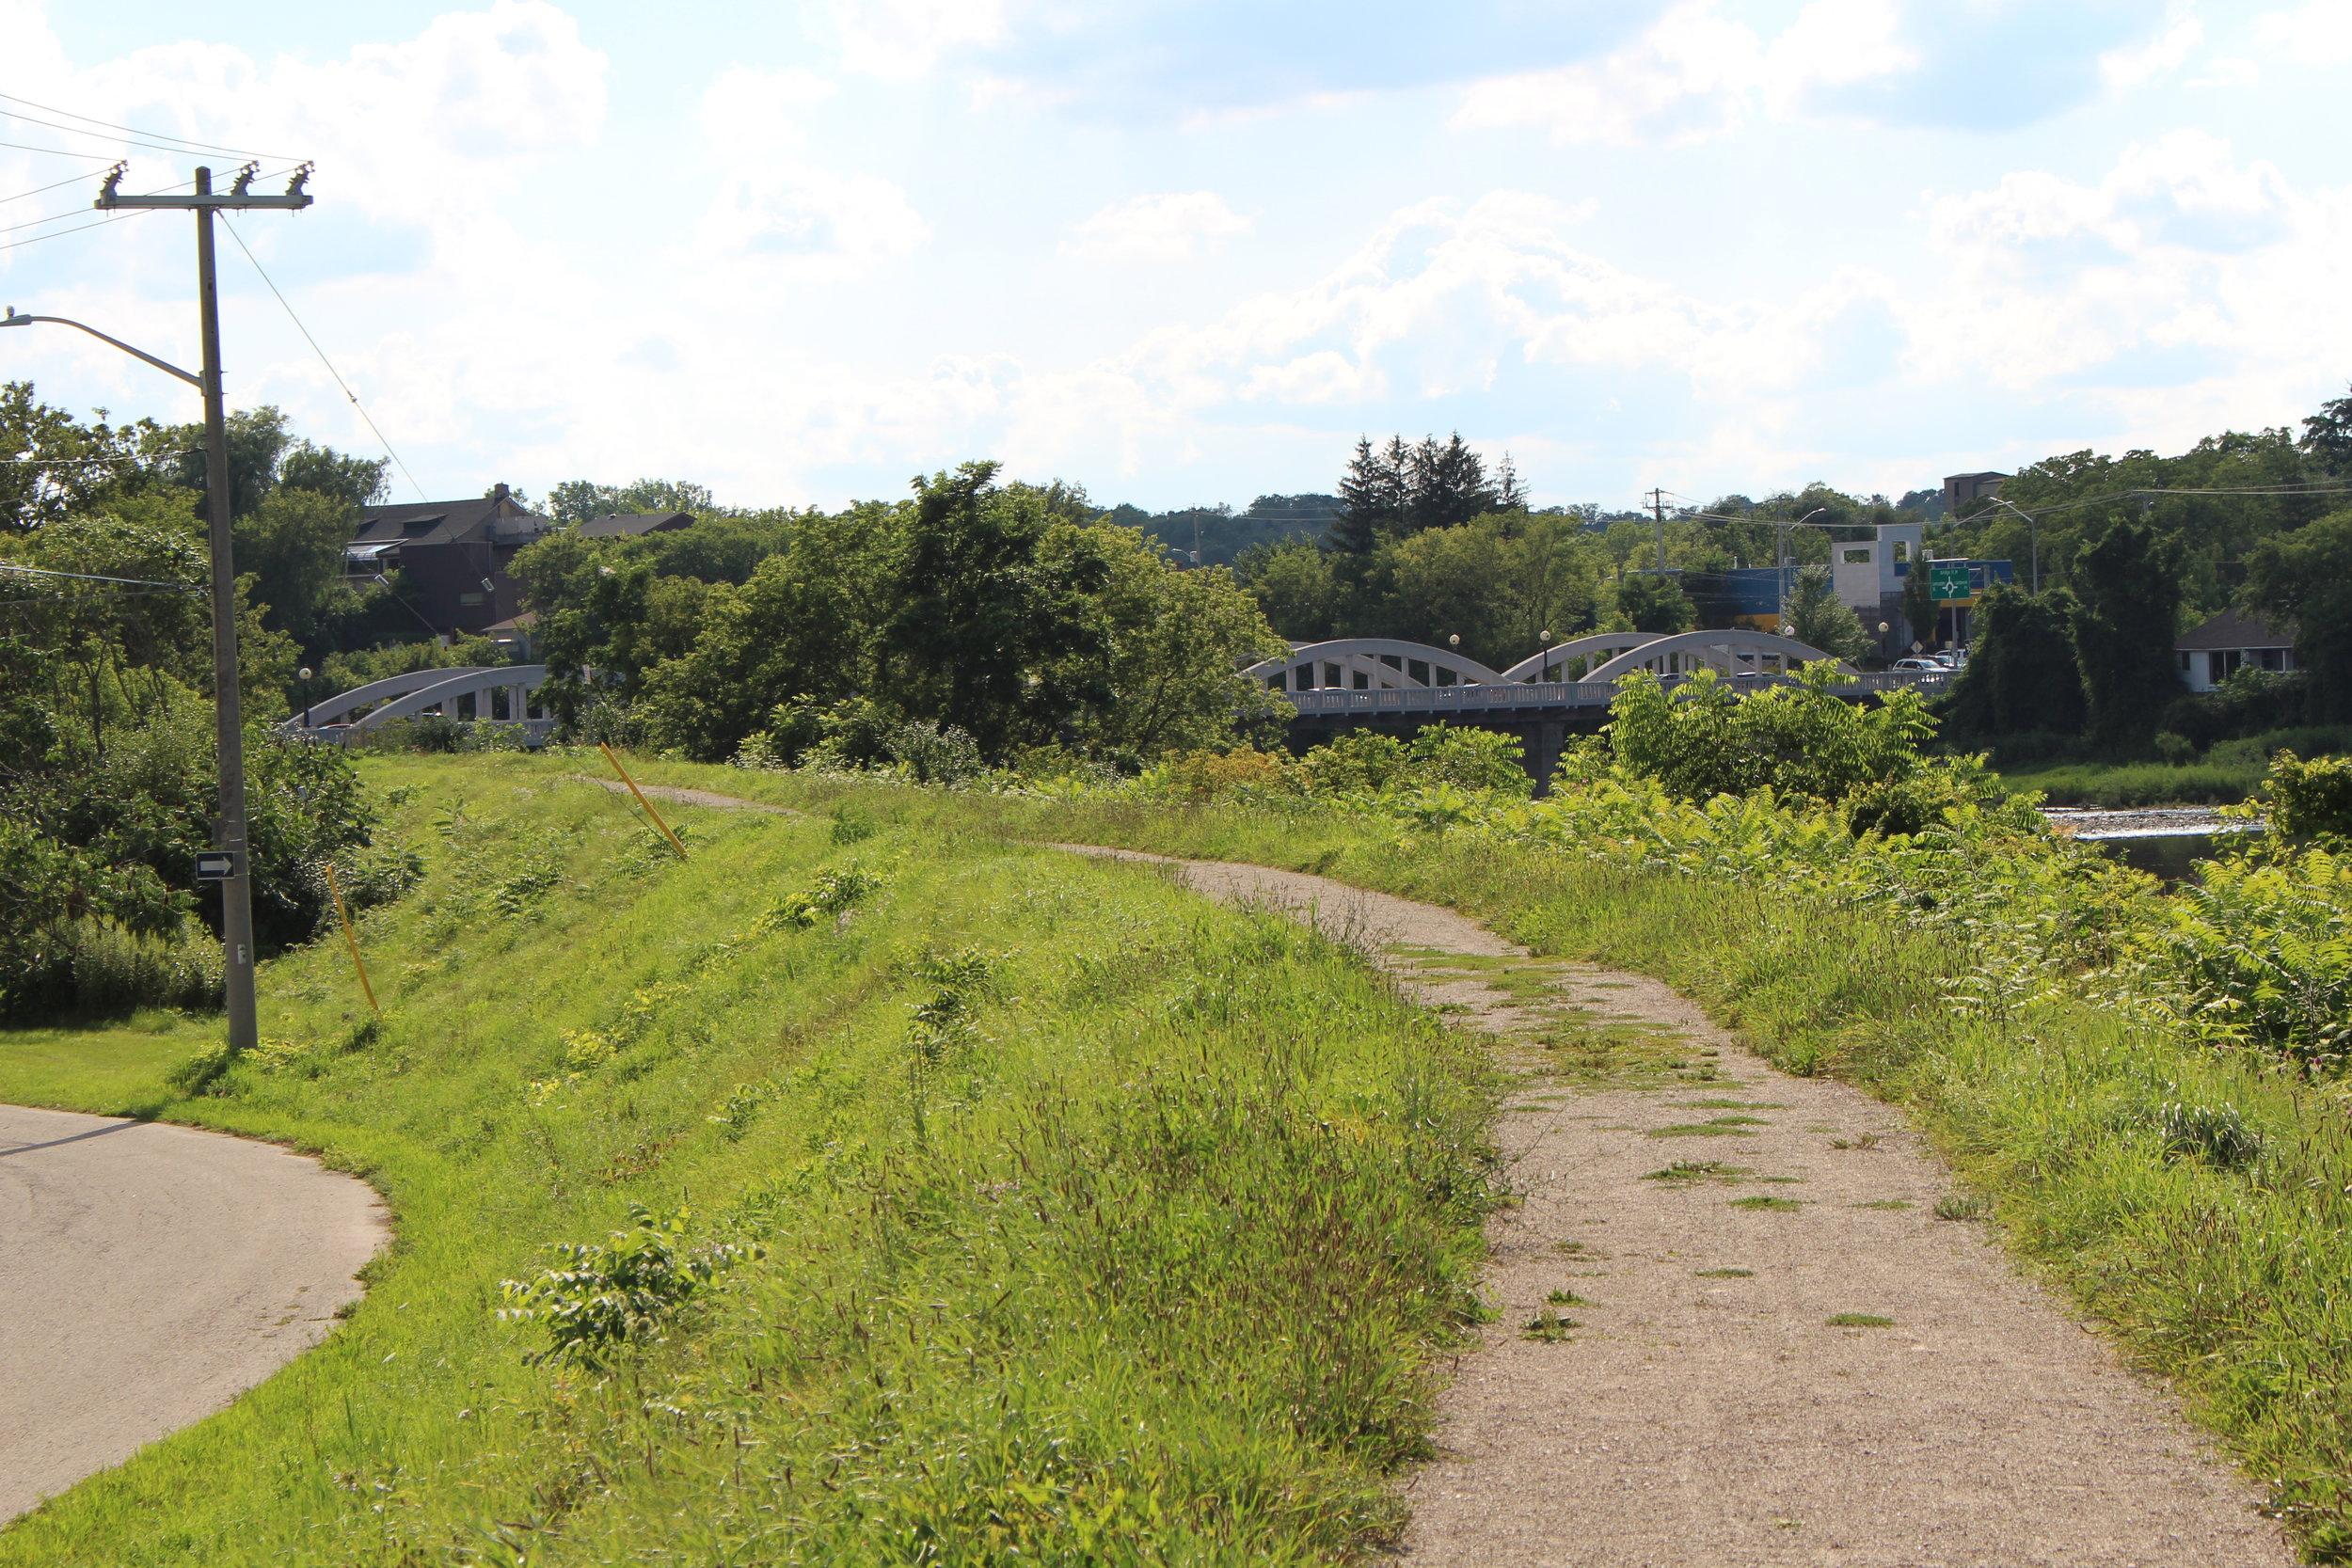 View of the Bridge St. Bridge